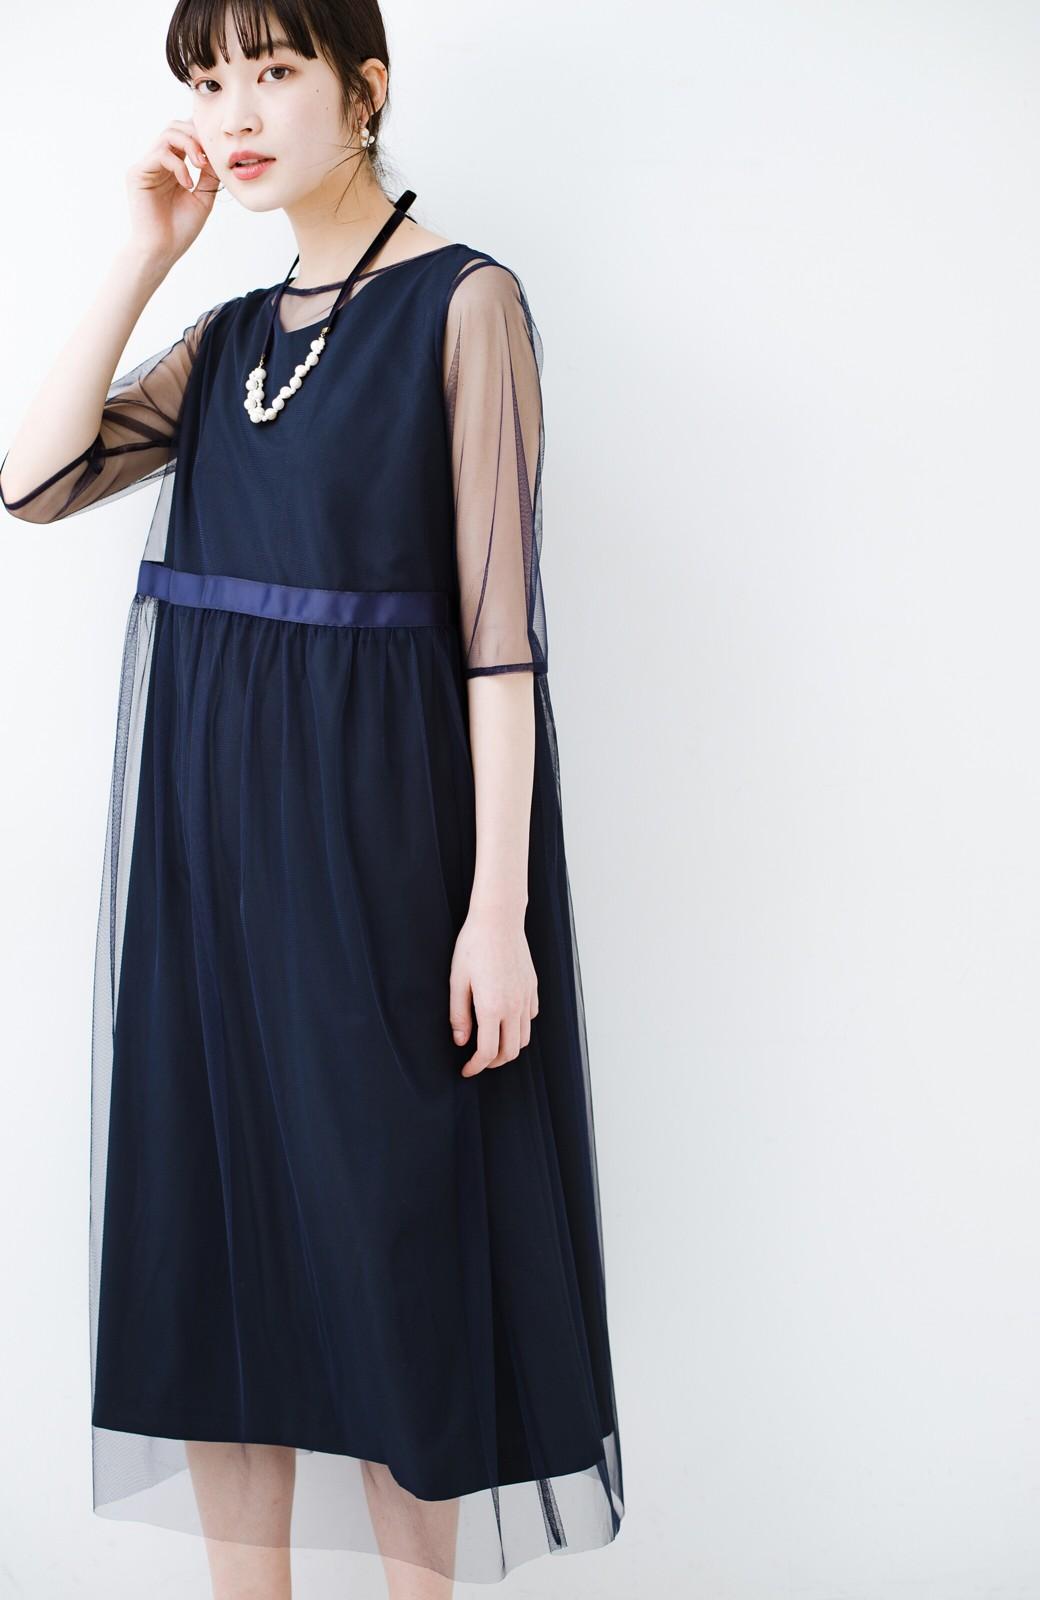 haco! ぱっとつけてぐっと華やぐ 結婚式にも便利なプラパールの編み込みネックレス <ネイビー>の商品写真6